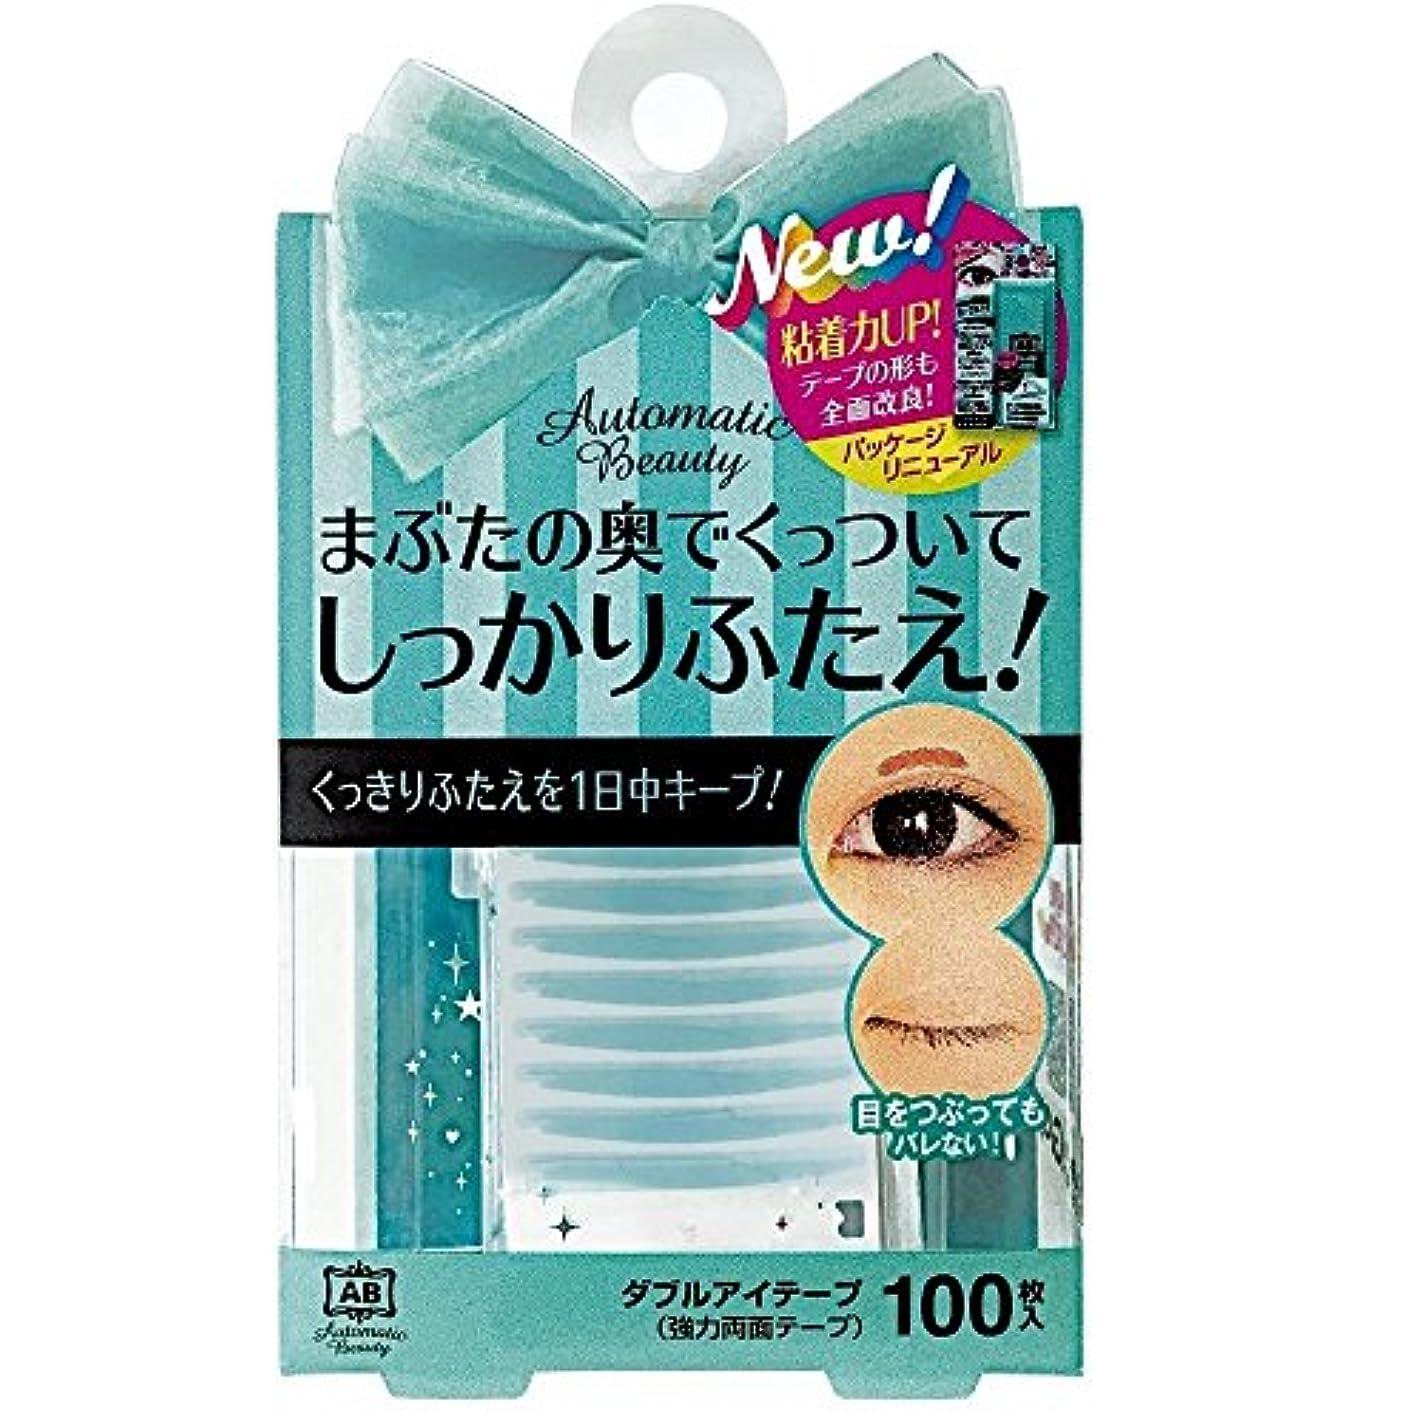 フレア生きる復活するAutomatic Beauty(オートマティックビューティ) ダブルアイテープ 100枚